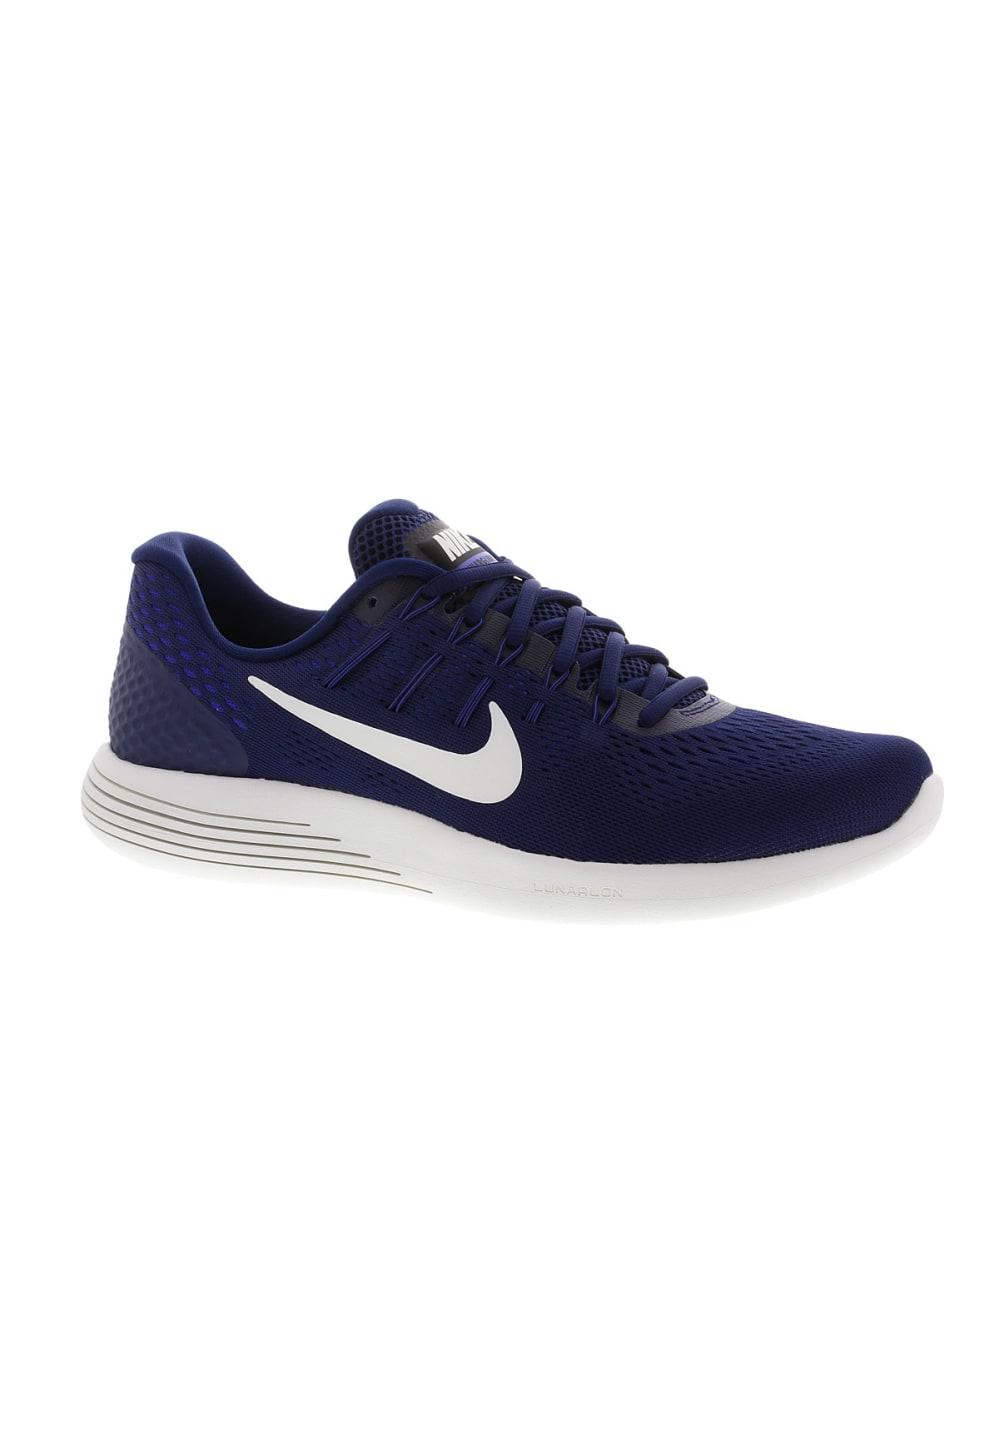 Nike Lunarglide 8 - Laufschuhe für Herren - Blau